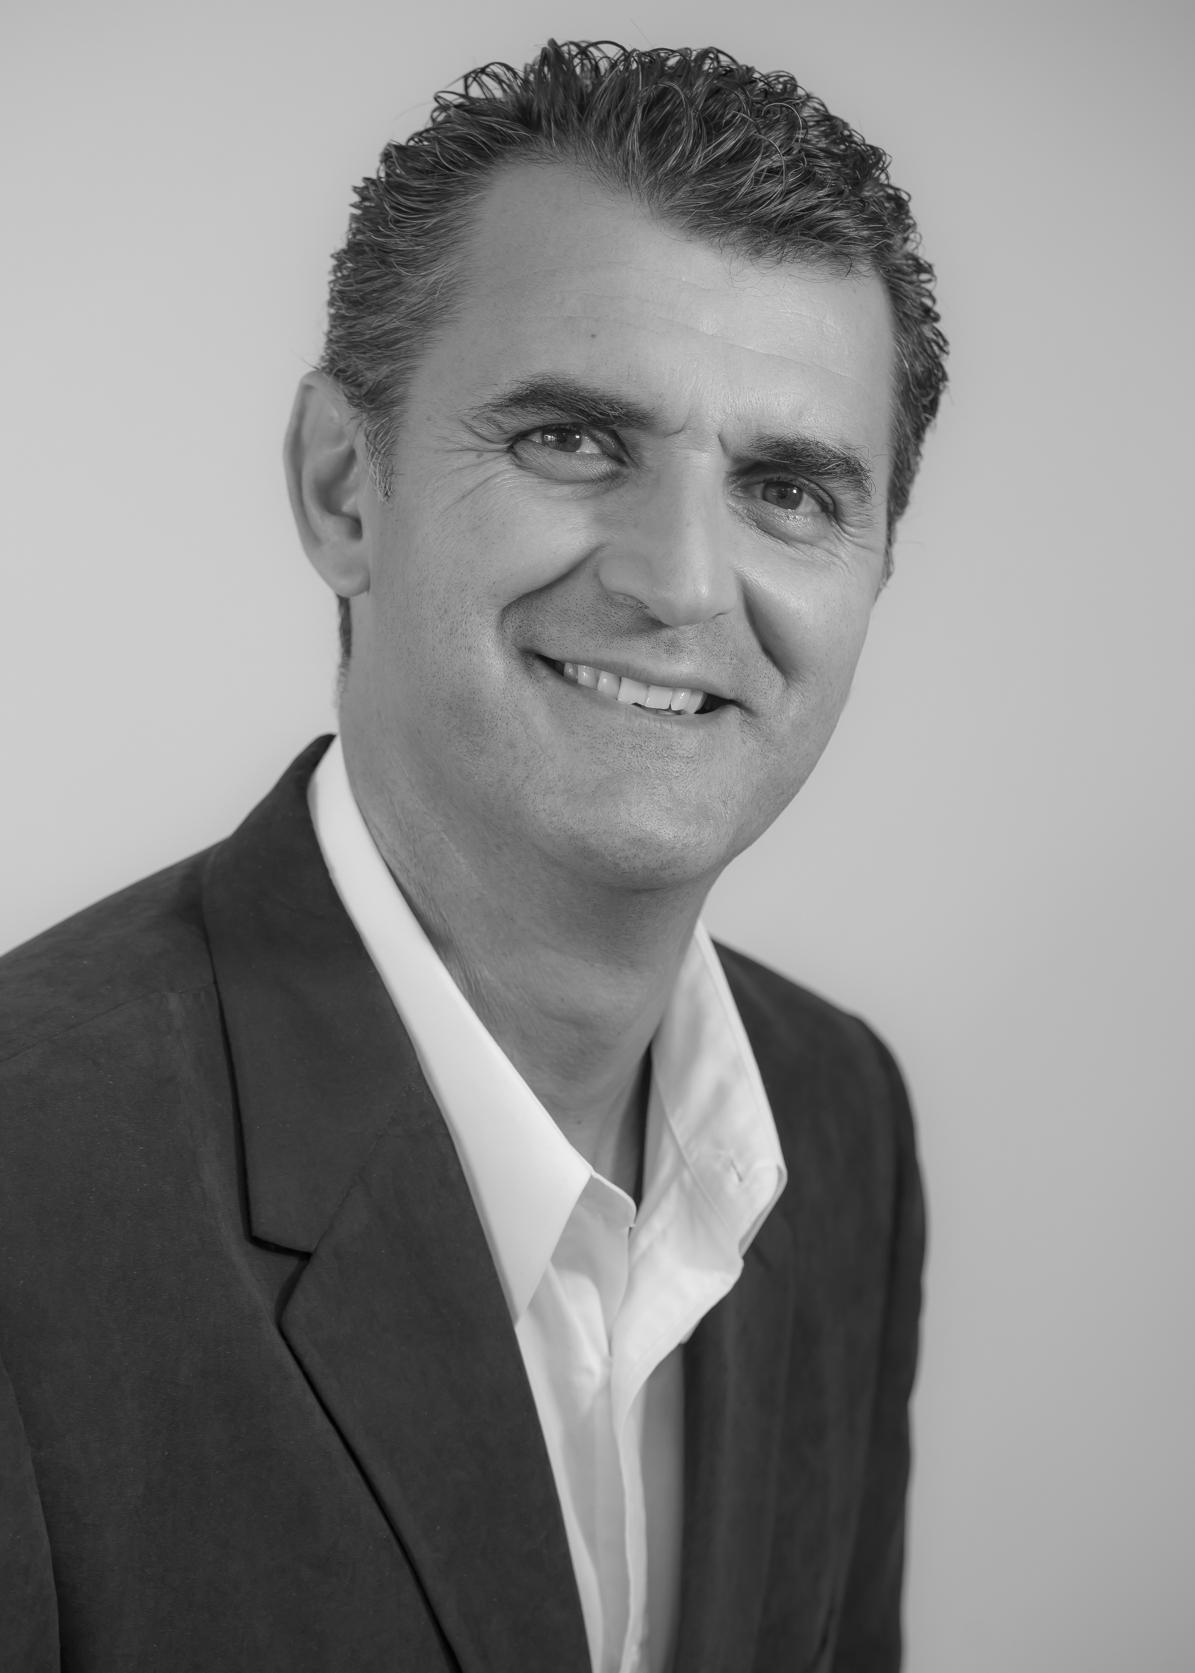 Manuel Pedrero